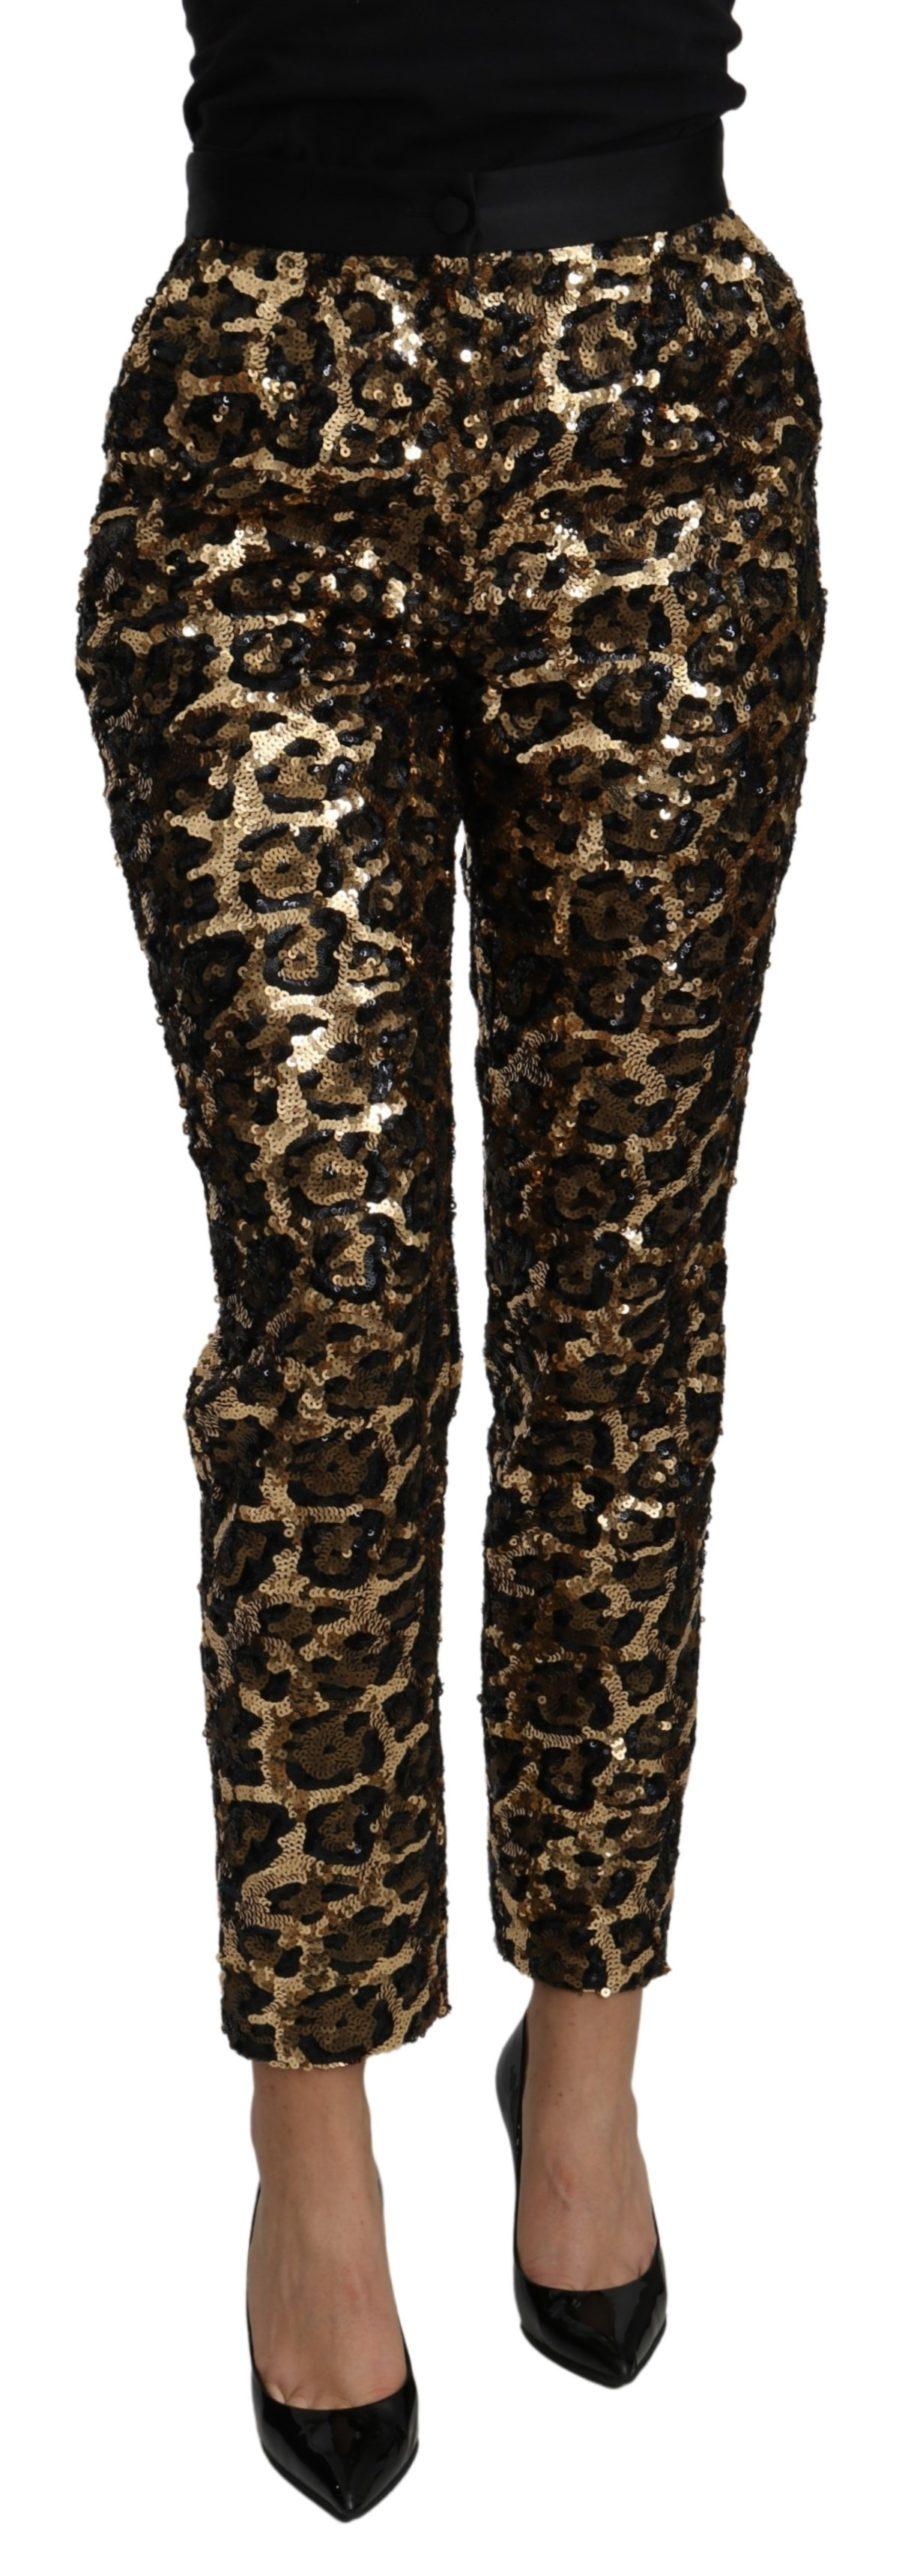 Dolce & Gabbana Women's Leopard High Waist Trouser Gold PAN71089 - IT40 S